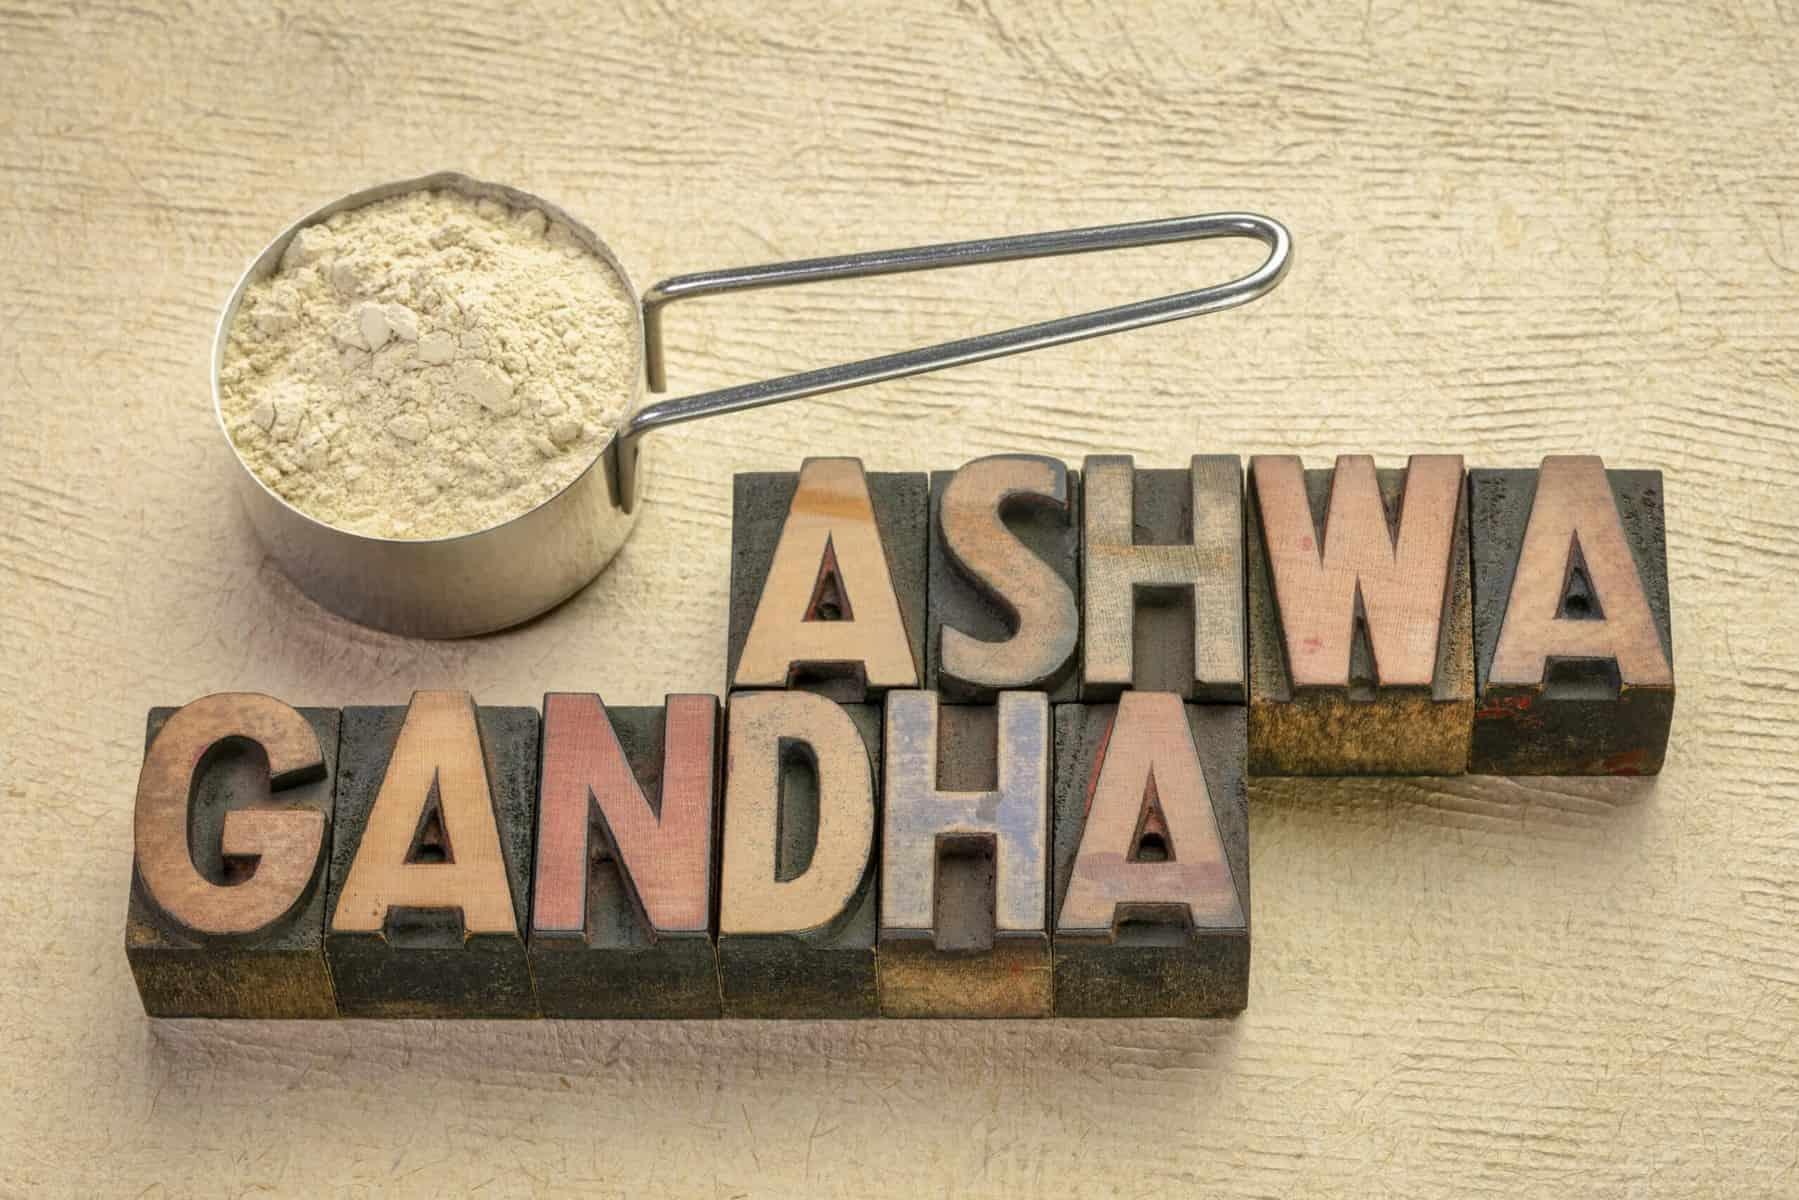 what is ashwagandha,how to take ashwagandha,what is ashwagandha good for,when to take ashwagandha,what does ashwagandha do,what is ashwagandha used for,where to buy ashwagandha,how much ashwagandha should i take,how to use ashwagandha powder,